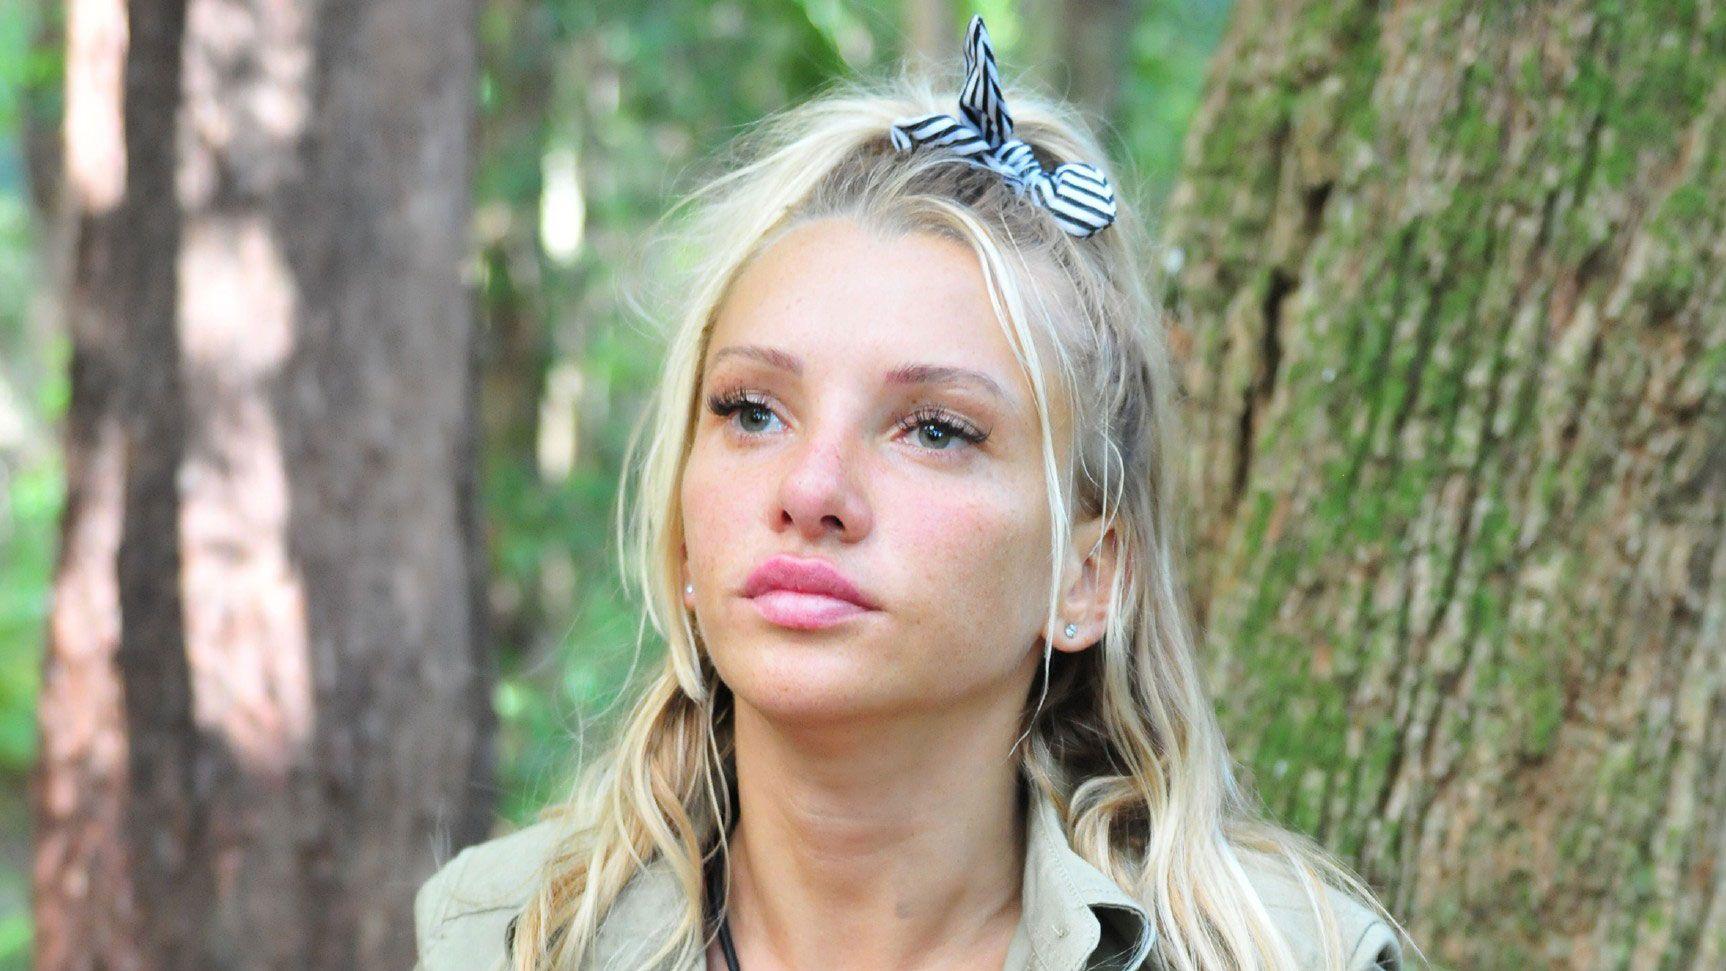 Evelyn Burdecki Heimlicher Freund Finanziert Ein Millionar Ihr Leben Evelyn Burdecki Dschungelcamp Dschungel